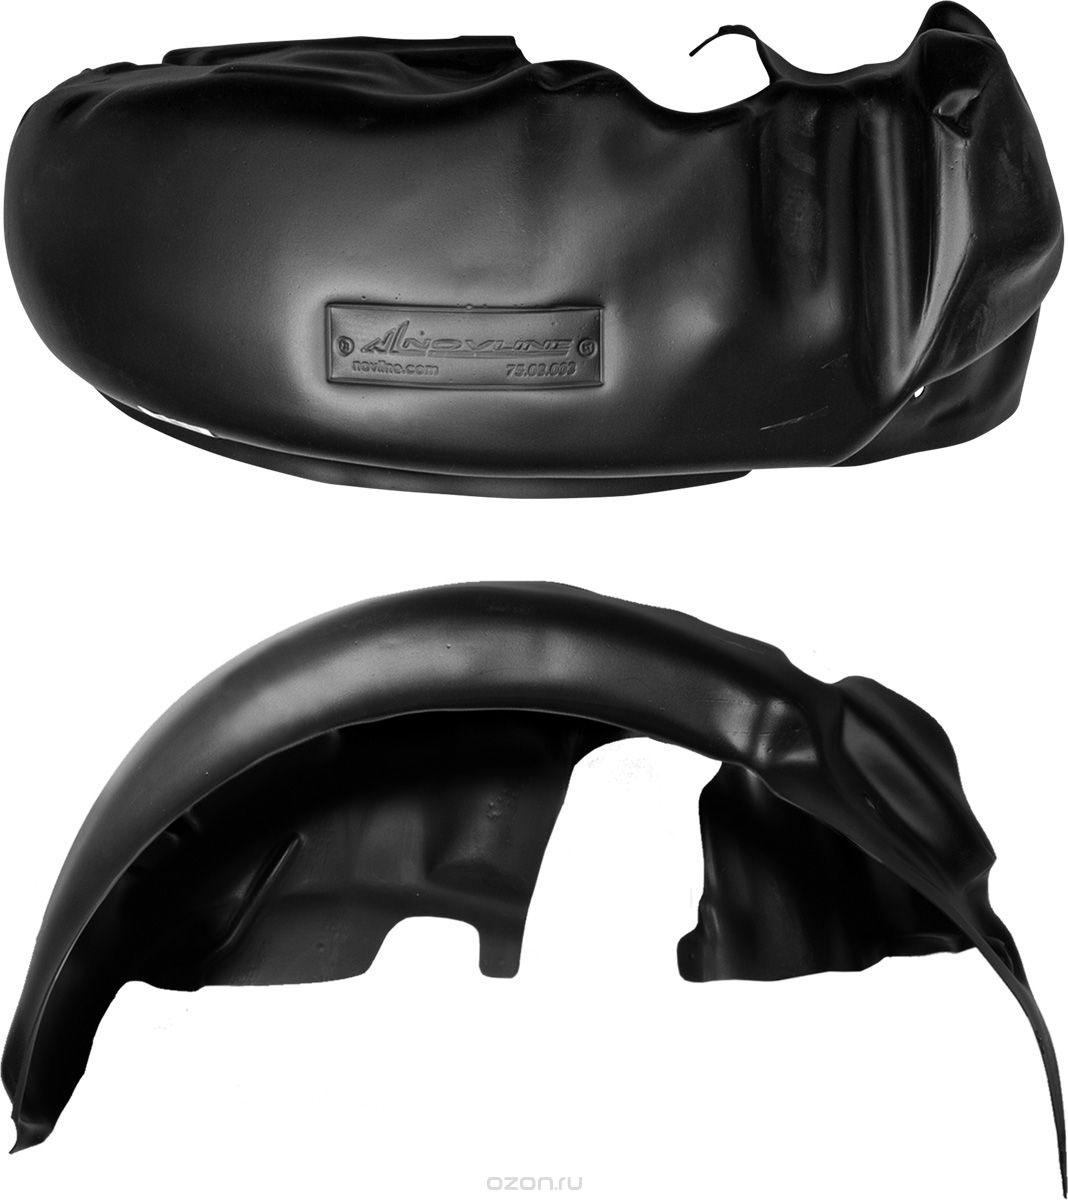 Подкрылок Novline-Autofamily, для RENAULT Duster, 05/2015->, передний левый000414Идеальная защита колесной ниши. Локеры разработаны с применением цифровых технологий, гарантируют максимальную повторяемость поверхности арки. Изделия устанавливаются без нарушения лакокрасочного покрытия автомобиля, каждый подкрылок комплектуется крепежом. Уважаемые клиенты, обращаем ваше внимание, что фотографии на подкрылки универсальные и не отражают реальную форму изделия. При этом само изделие идет точно под размер указанного автомобиля.